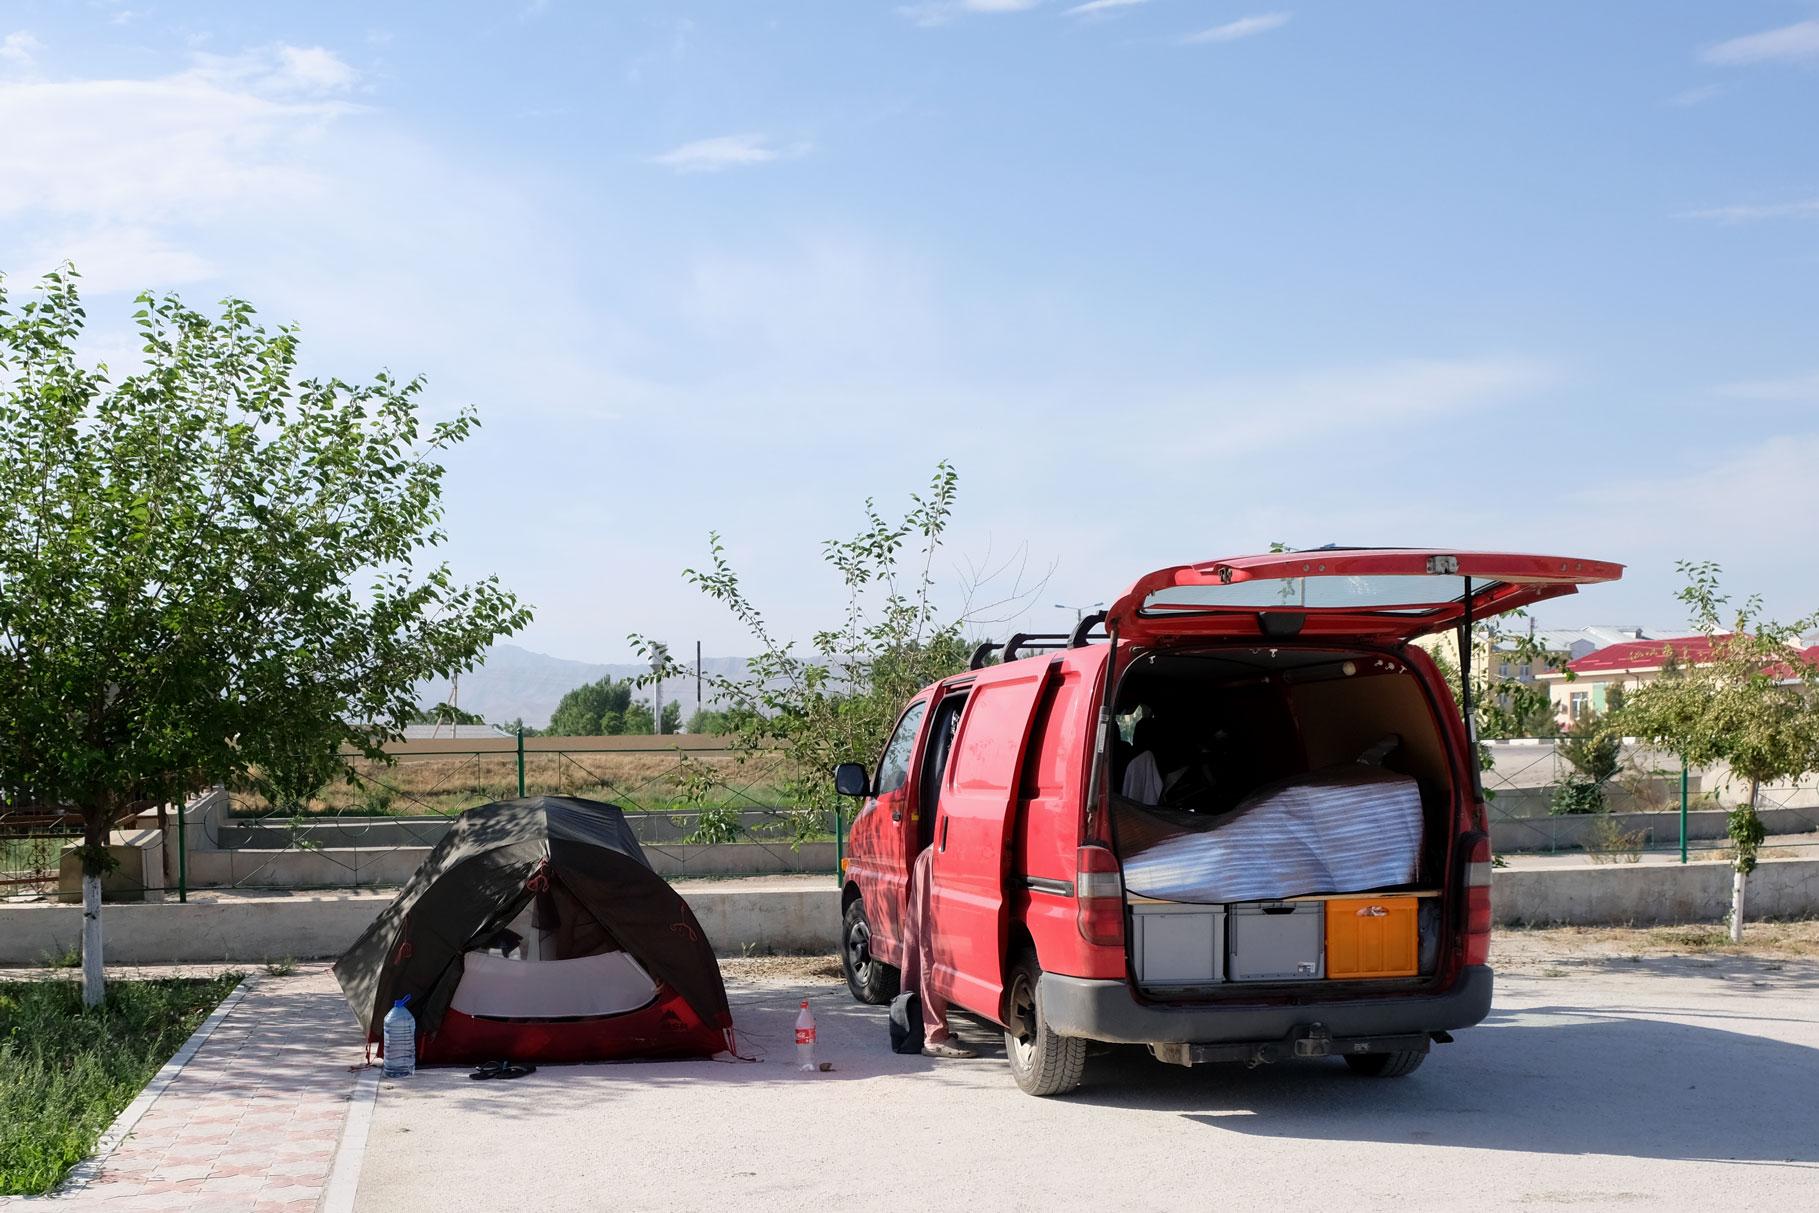 Ein Zelt steht neben einem roten Kleintransporter auf einem Parkplatz